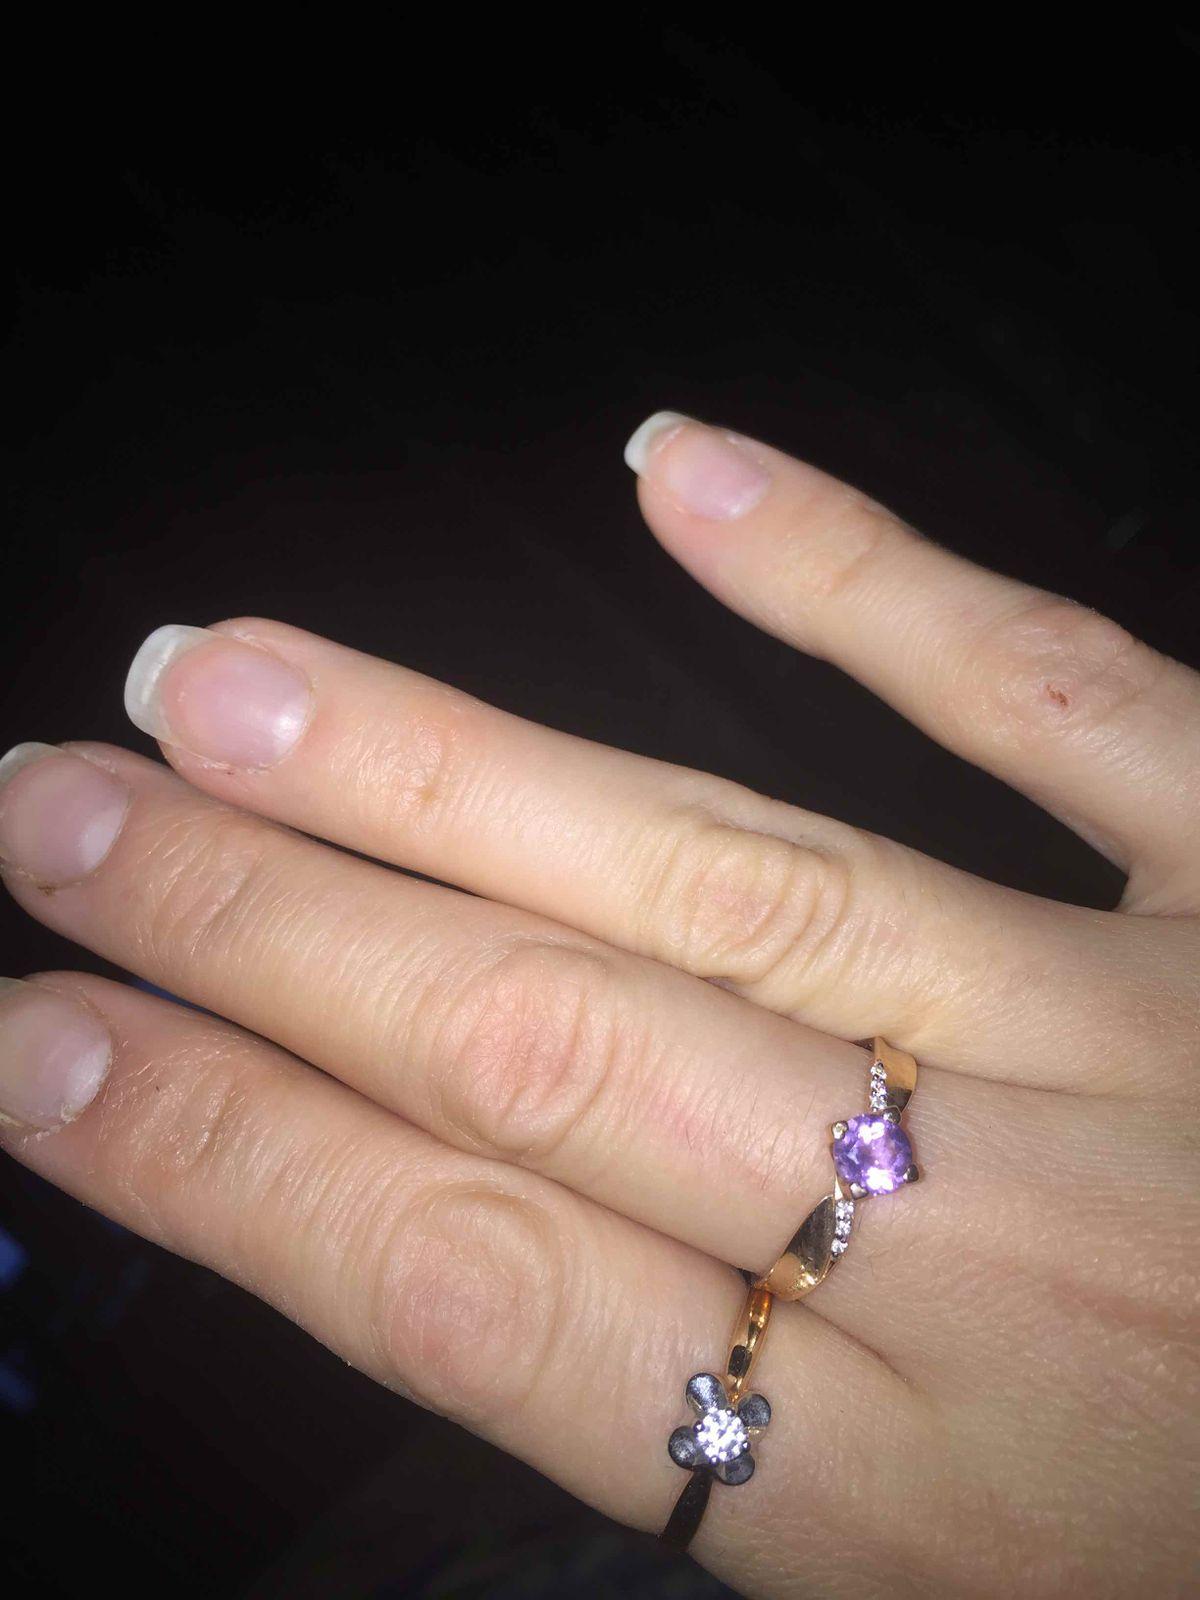 Прекрасное кольцо за чудесную цену.